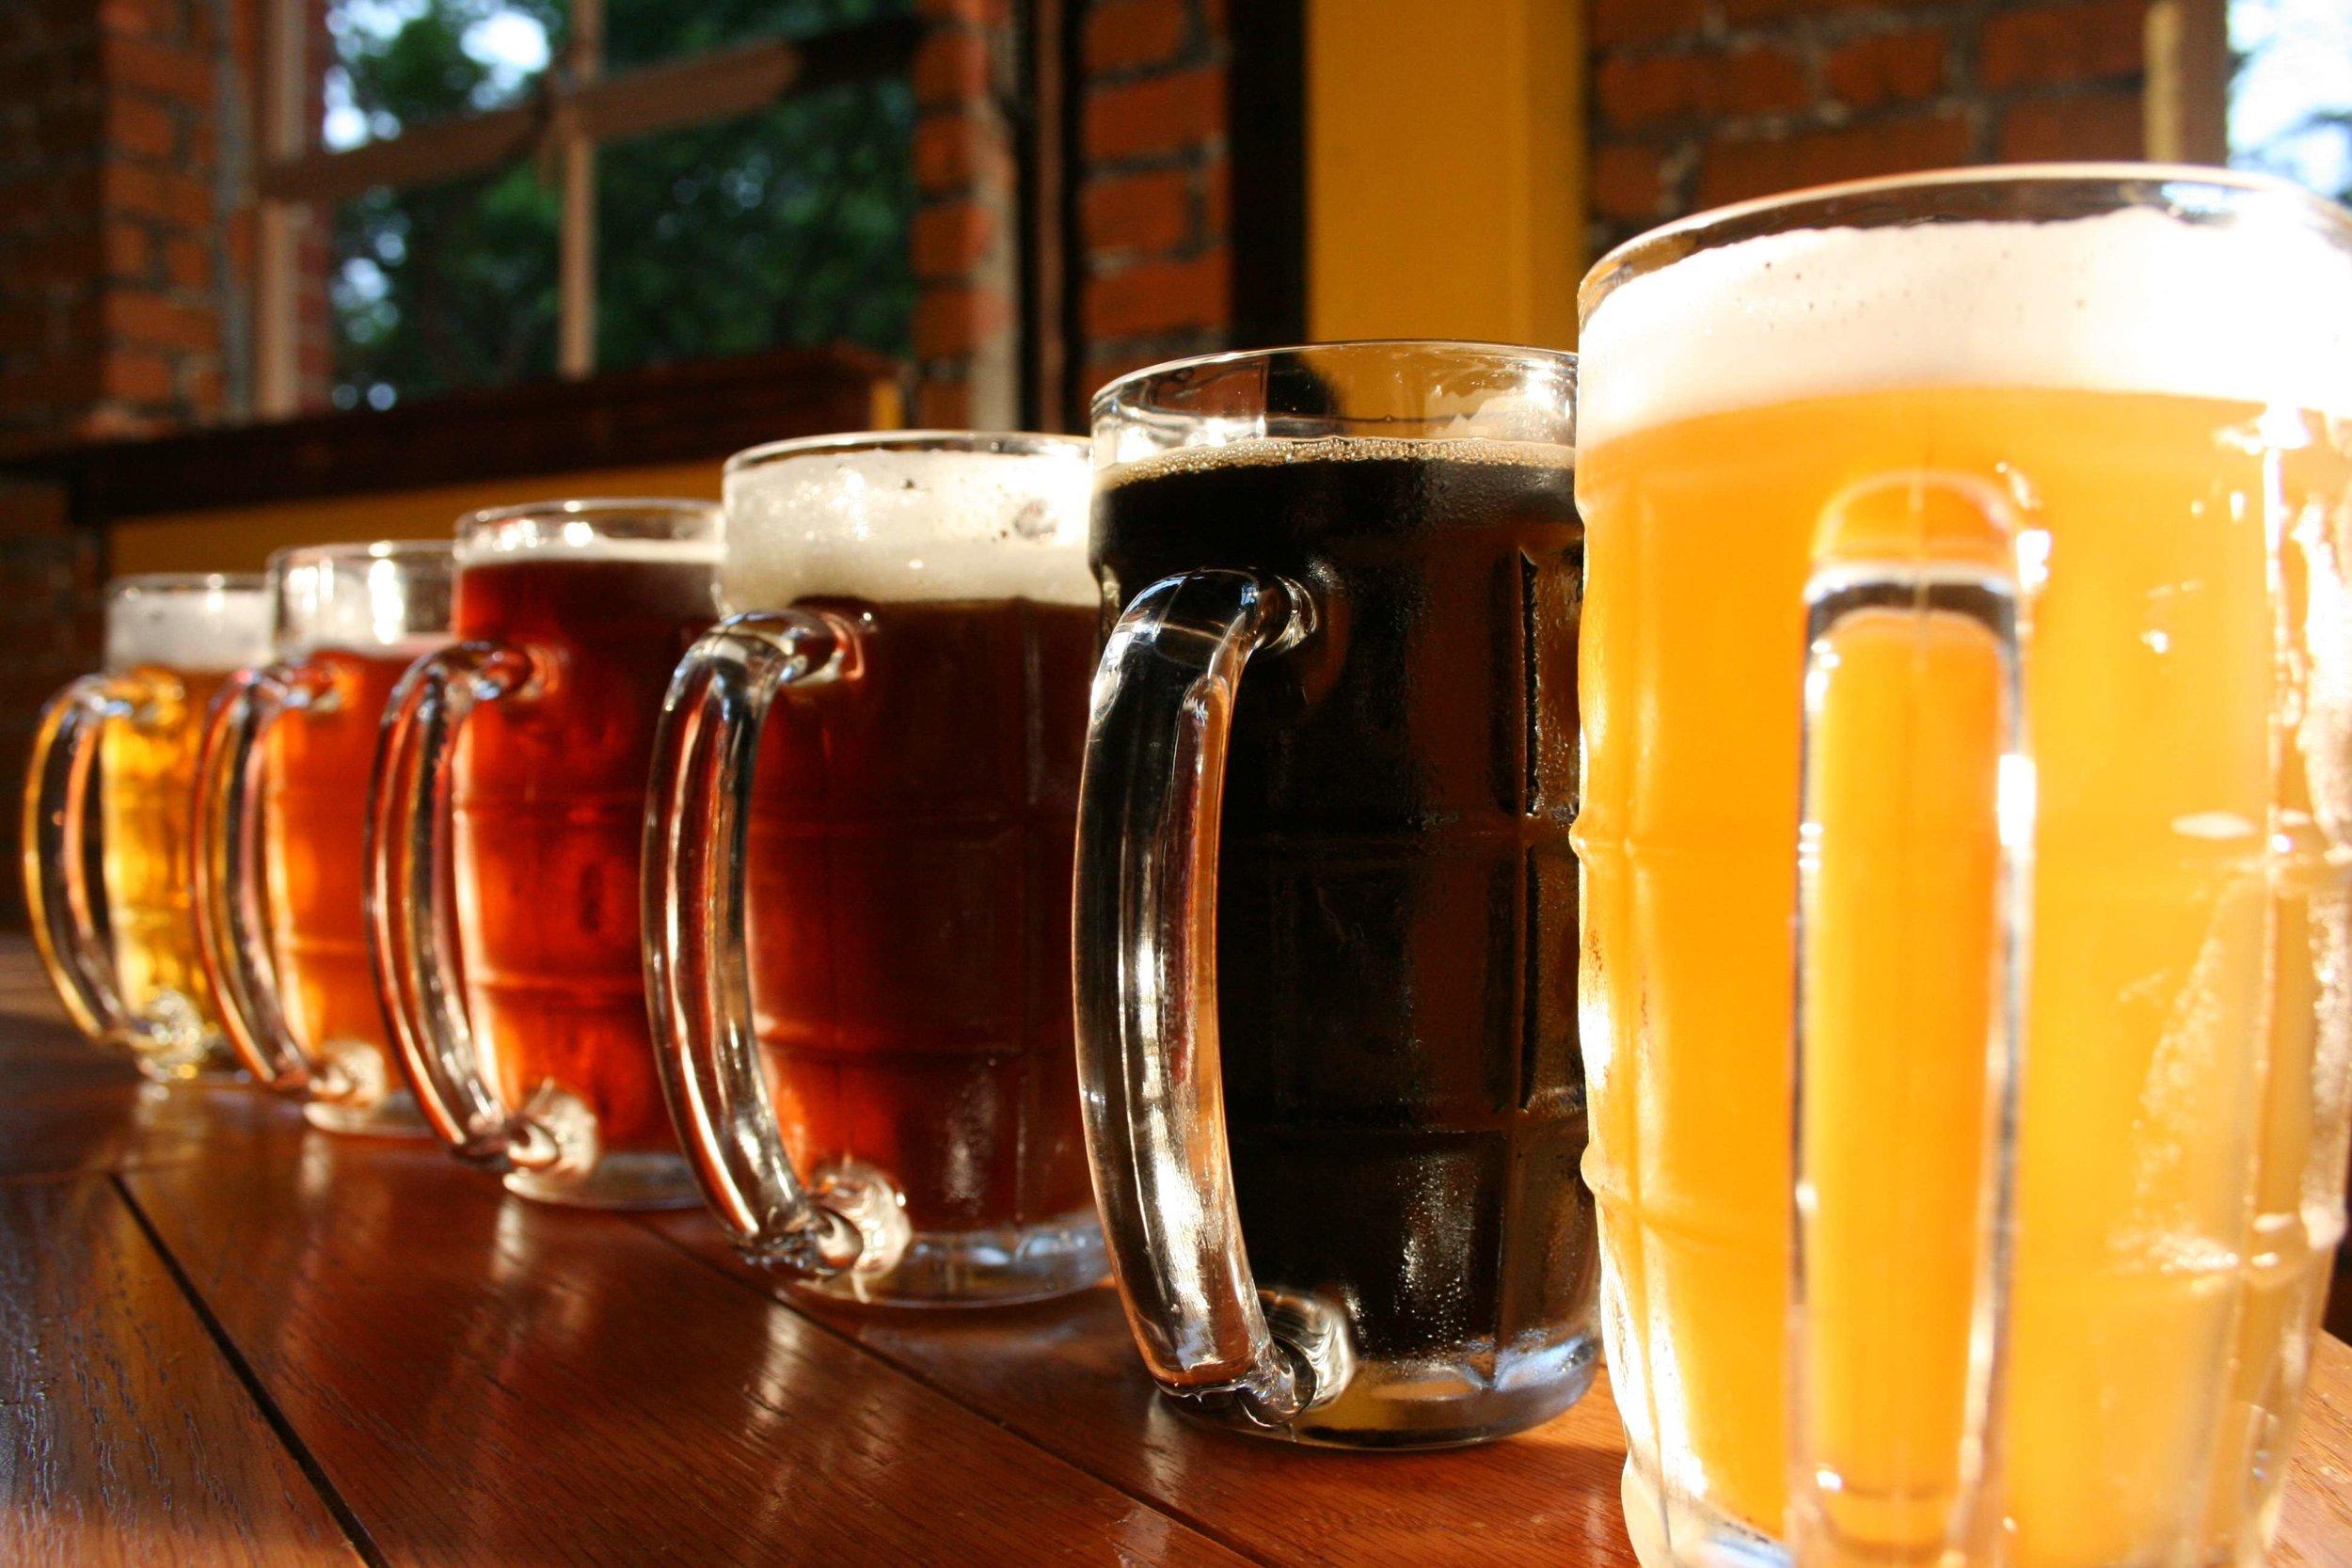 Serra do Rio oferece várias opções de eventos para os apreciadores de cerveja artesanal